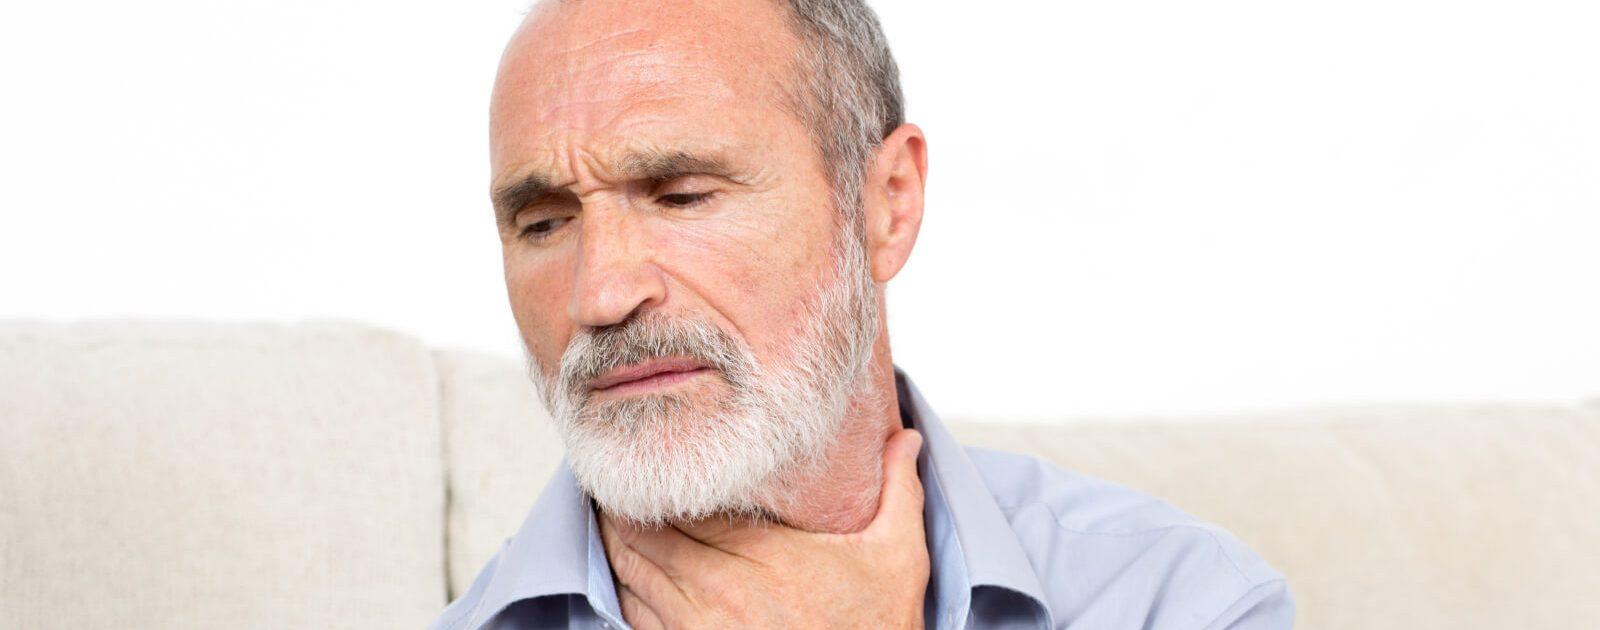 Mann leidet an Symptomen aufgrund von Ösophagusdivertikeln.